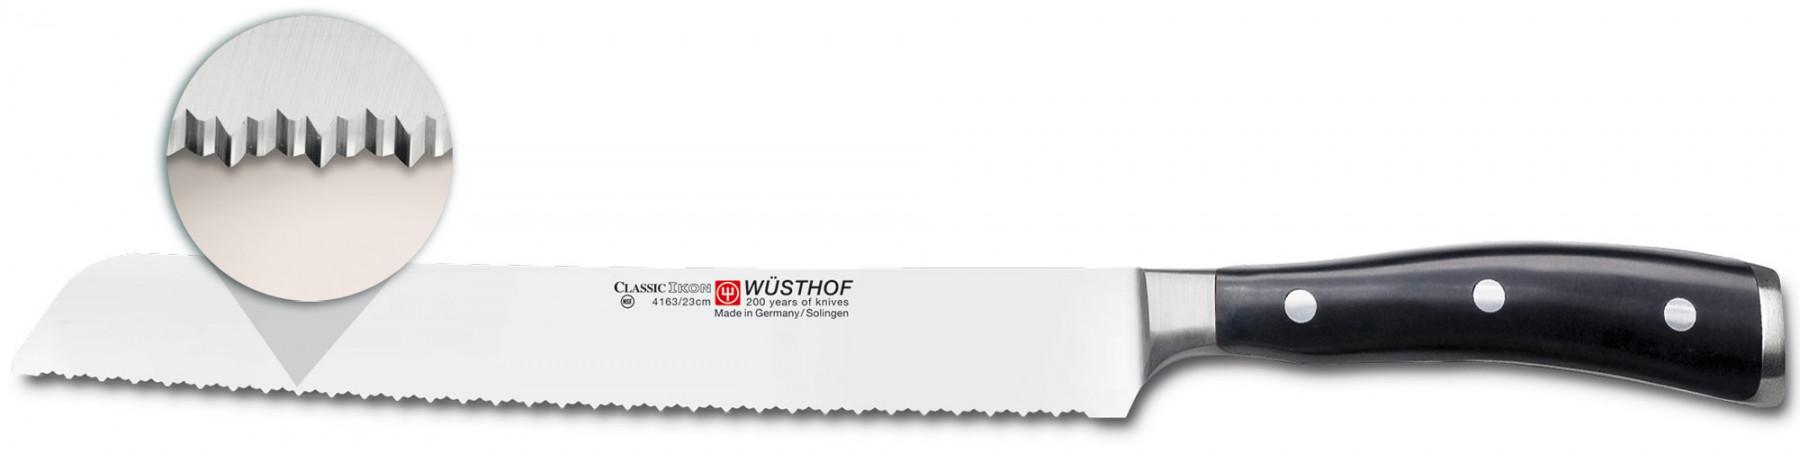 Wüsthof Brotmesser bei Suhl Tisch- und Wohnkultur in Rostock